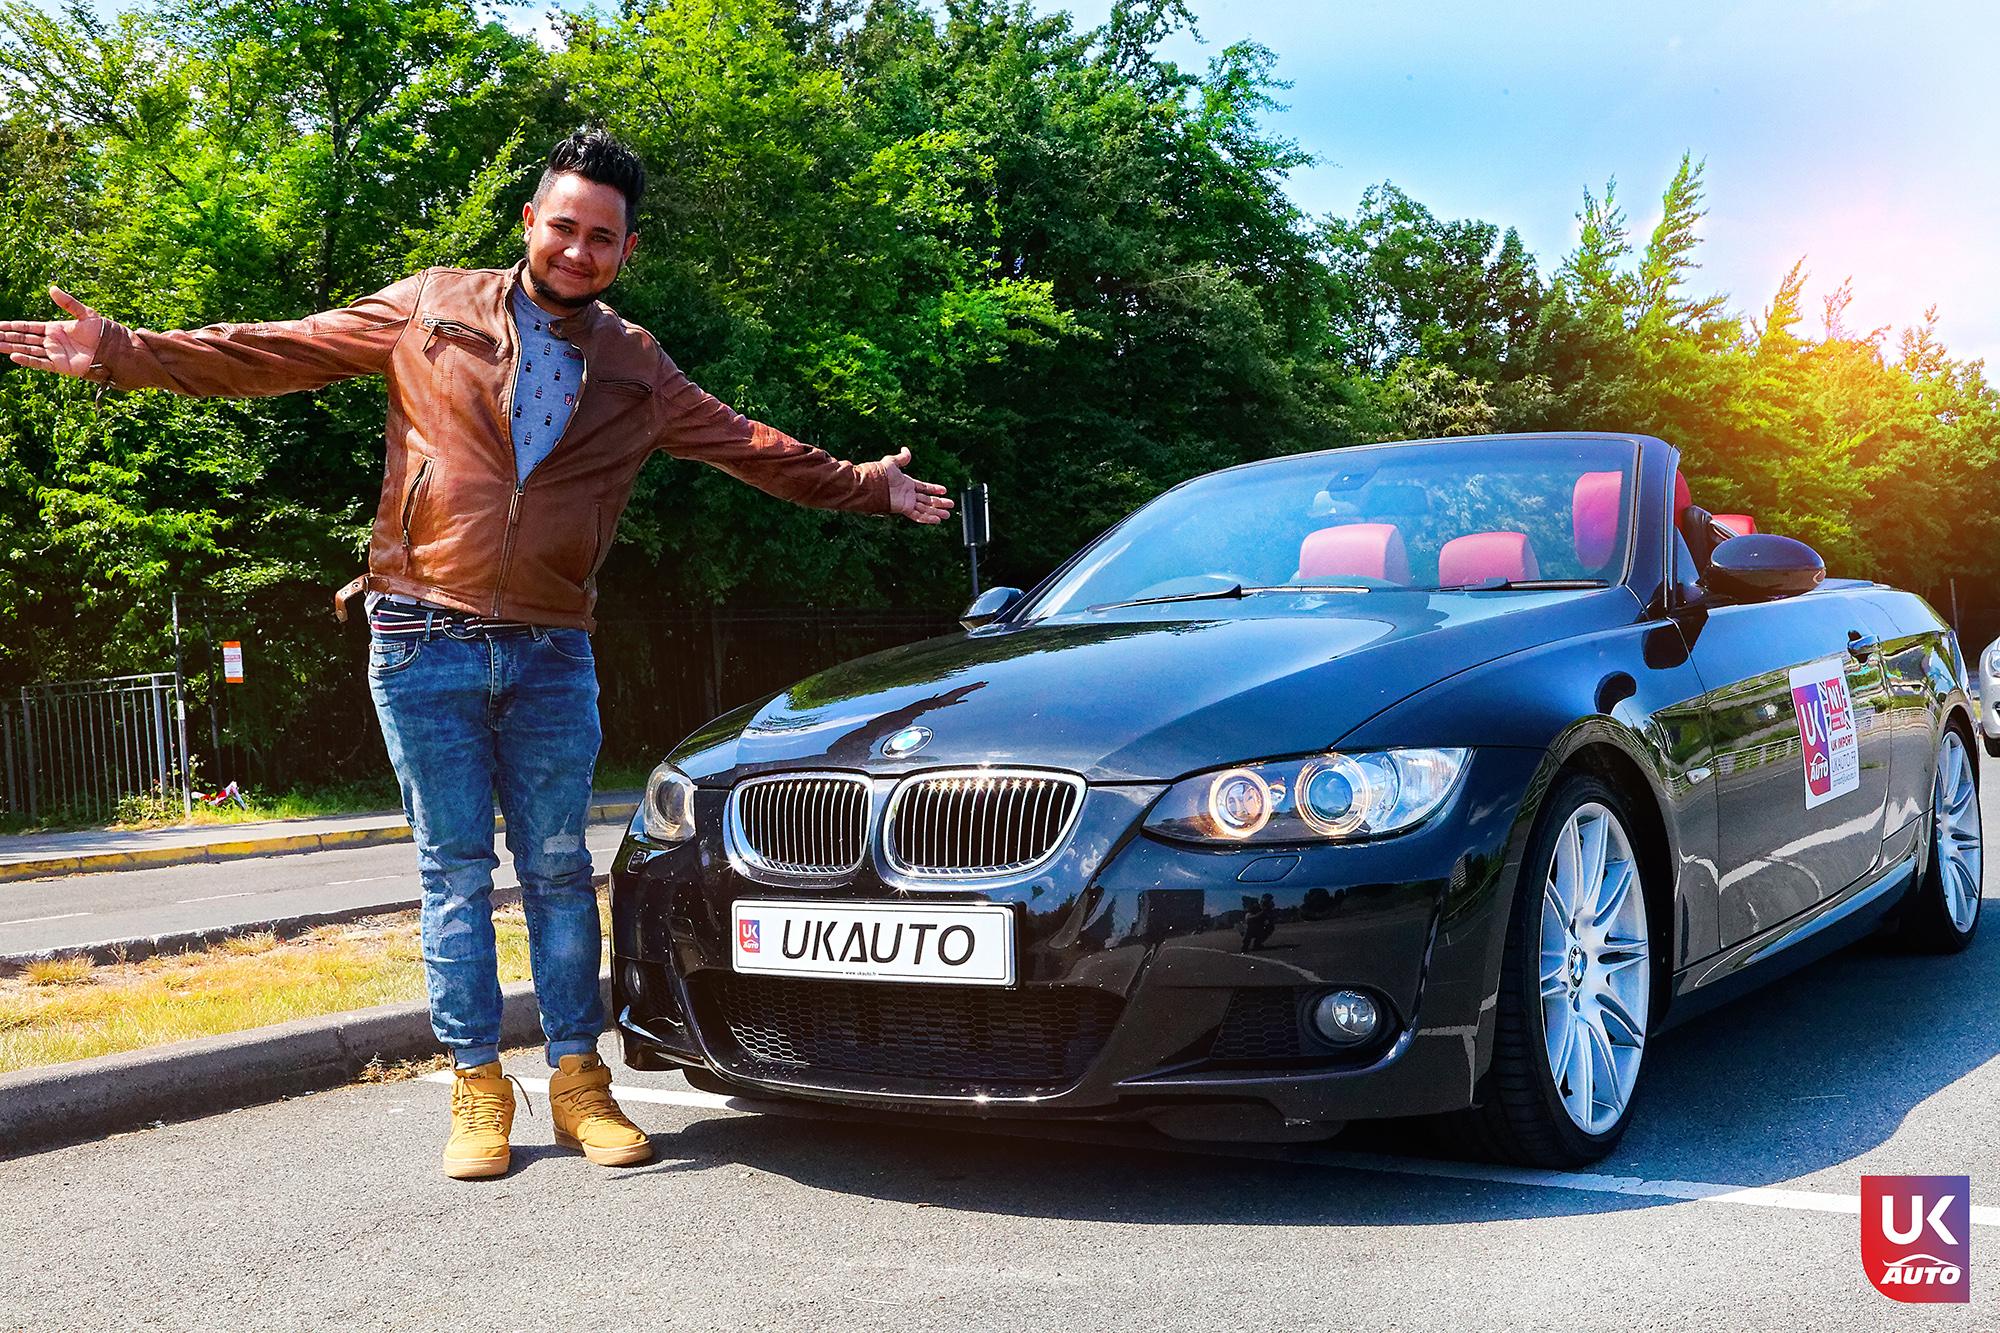 IMG 4769 DxO - Felecitation a Jeremie pour cette BMW 335i cabriolet RHD PACK M IMPORT AUTO ANGLAISE